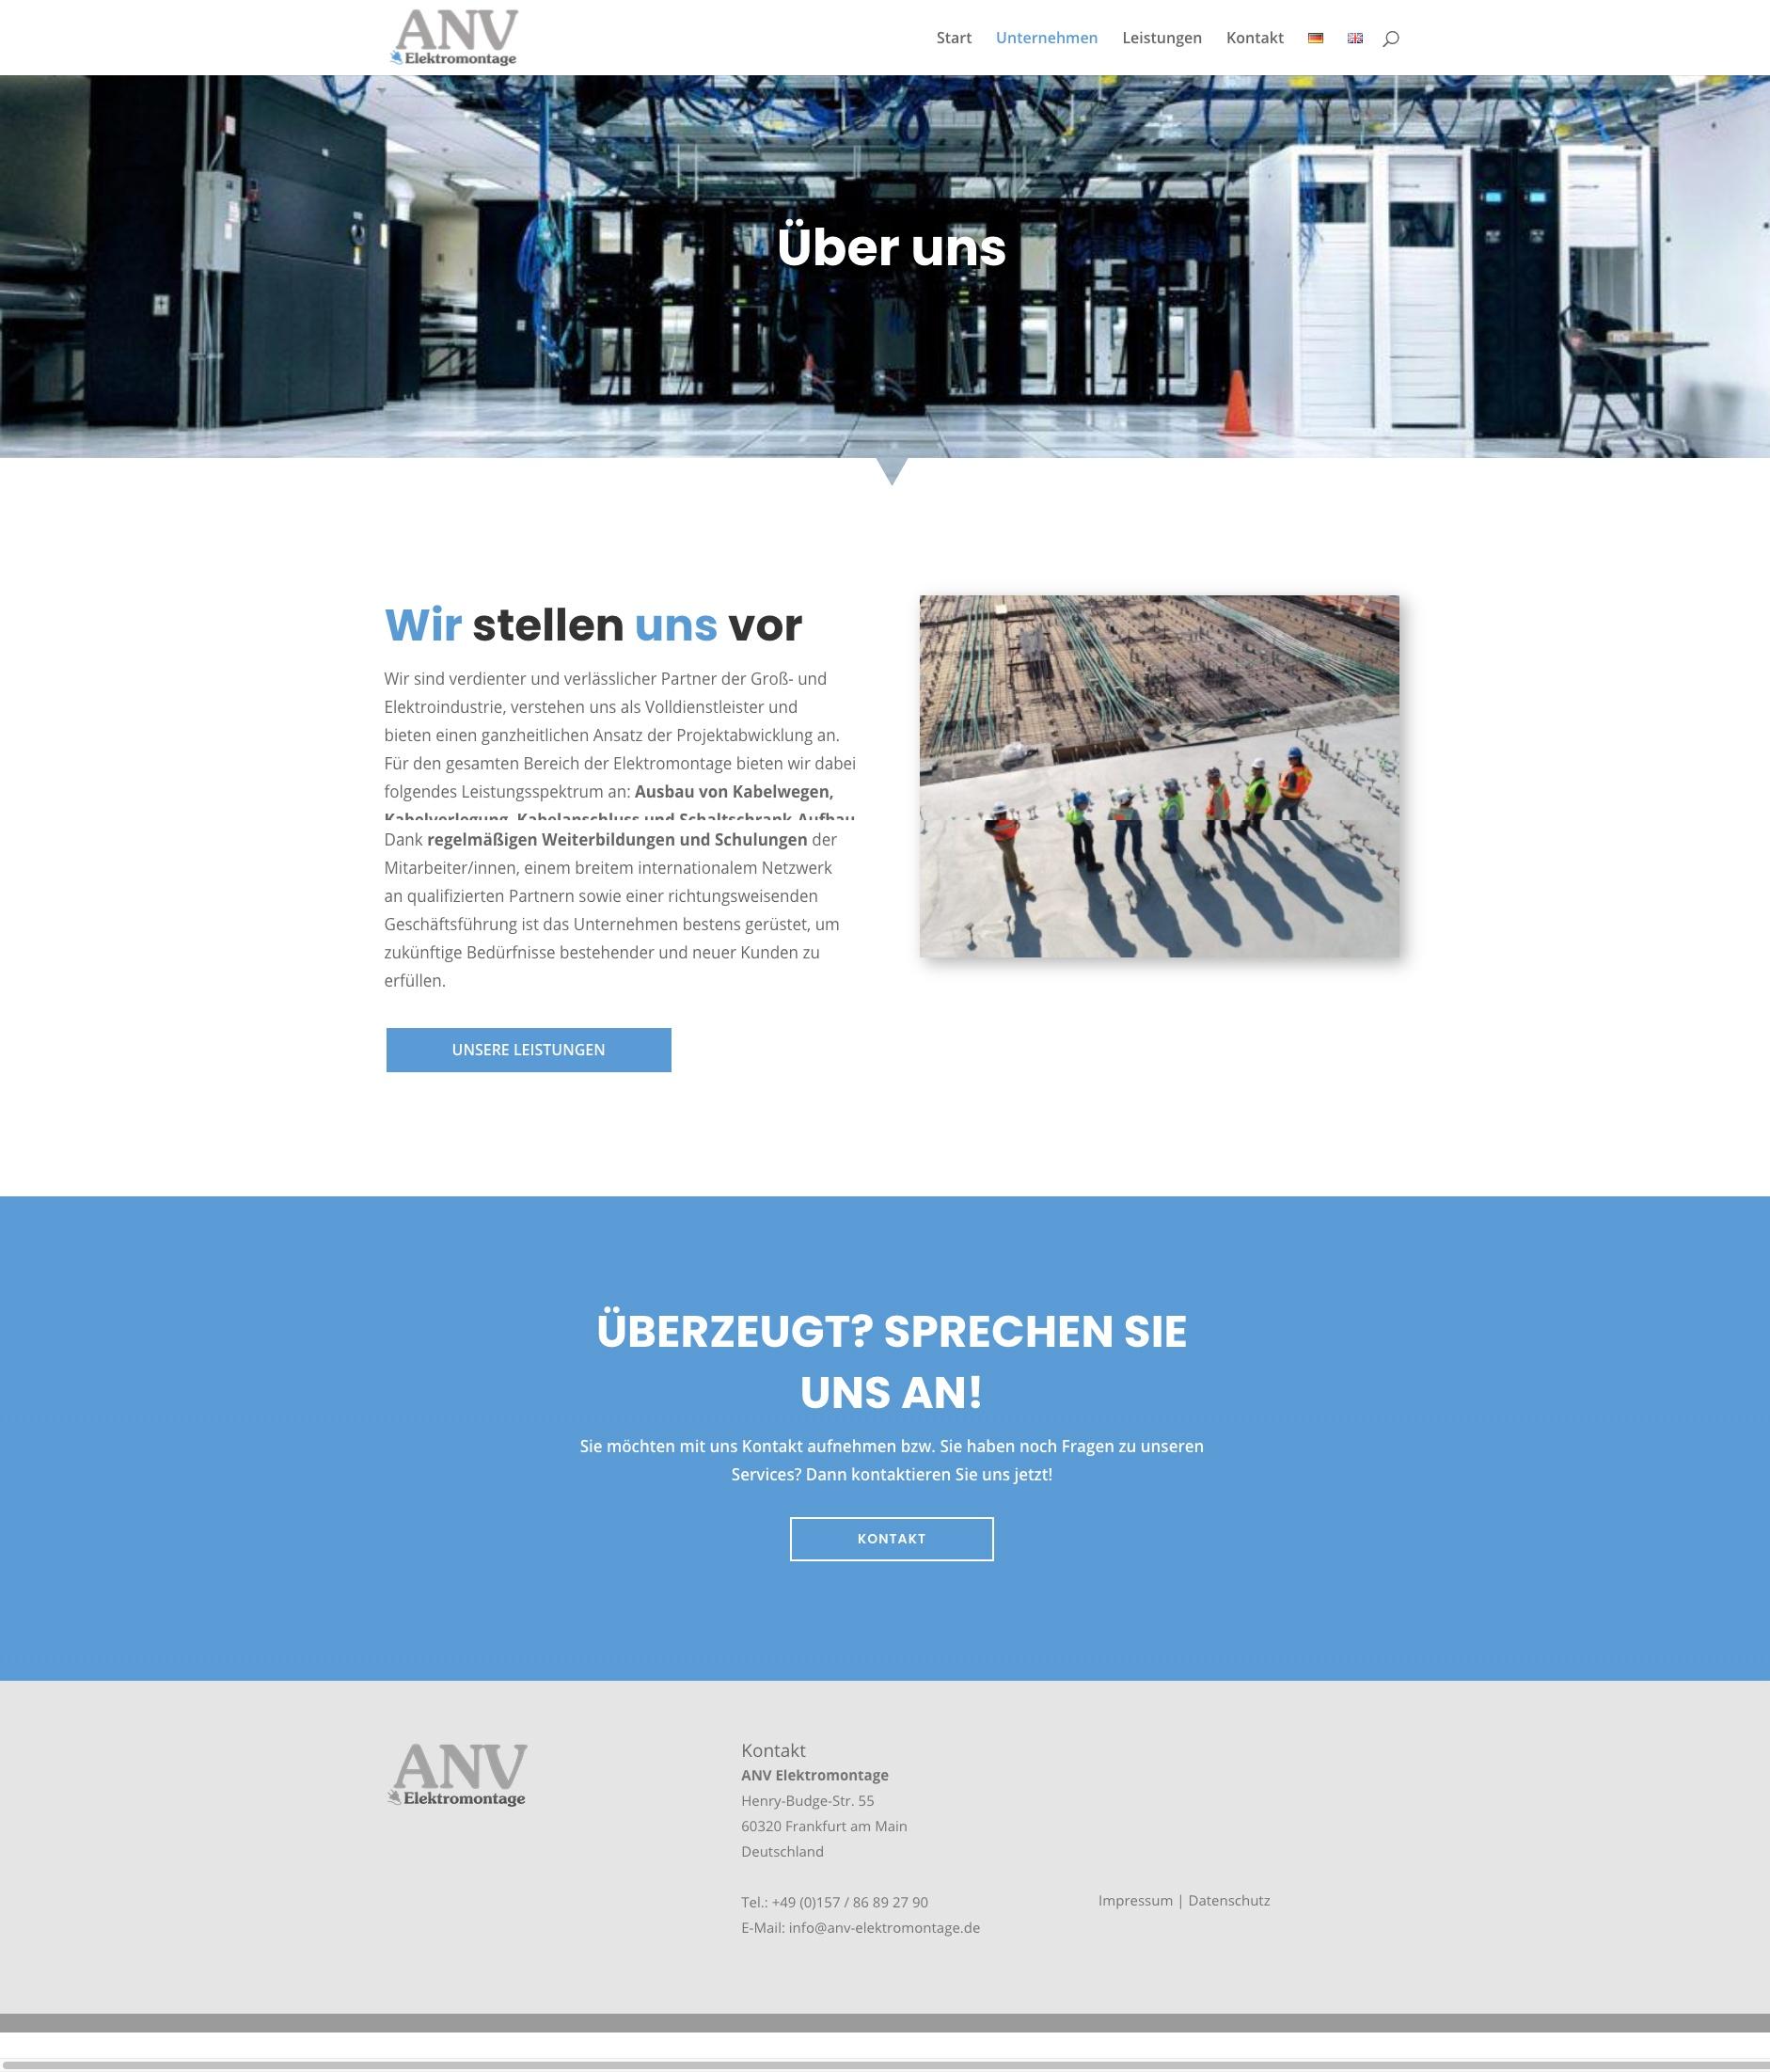 Referenz Webseite ANV